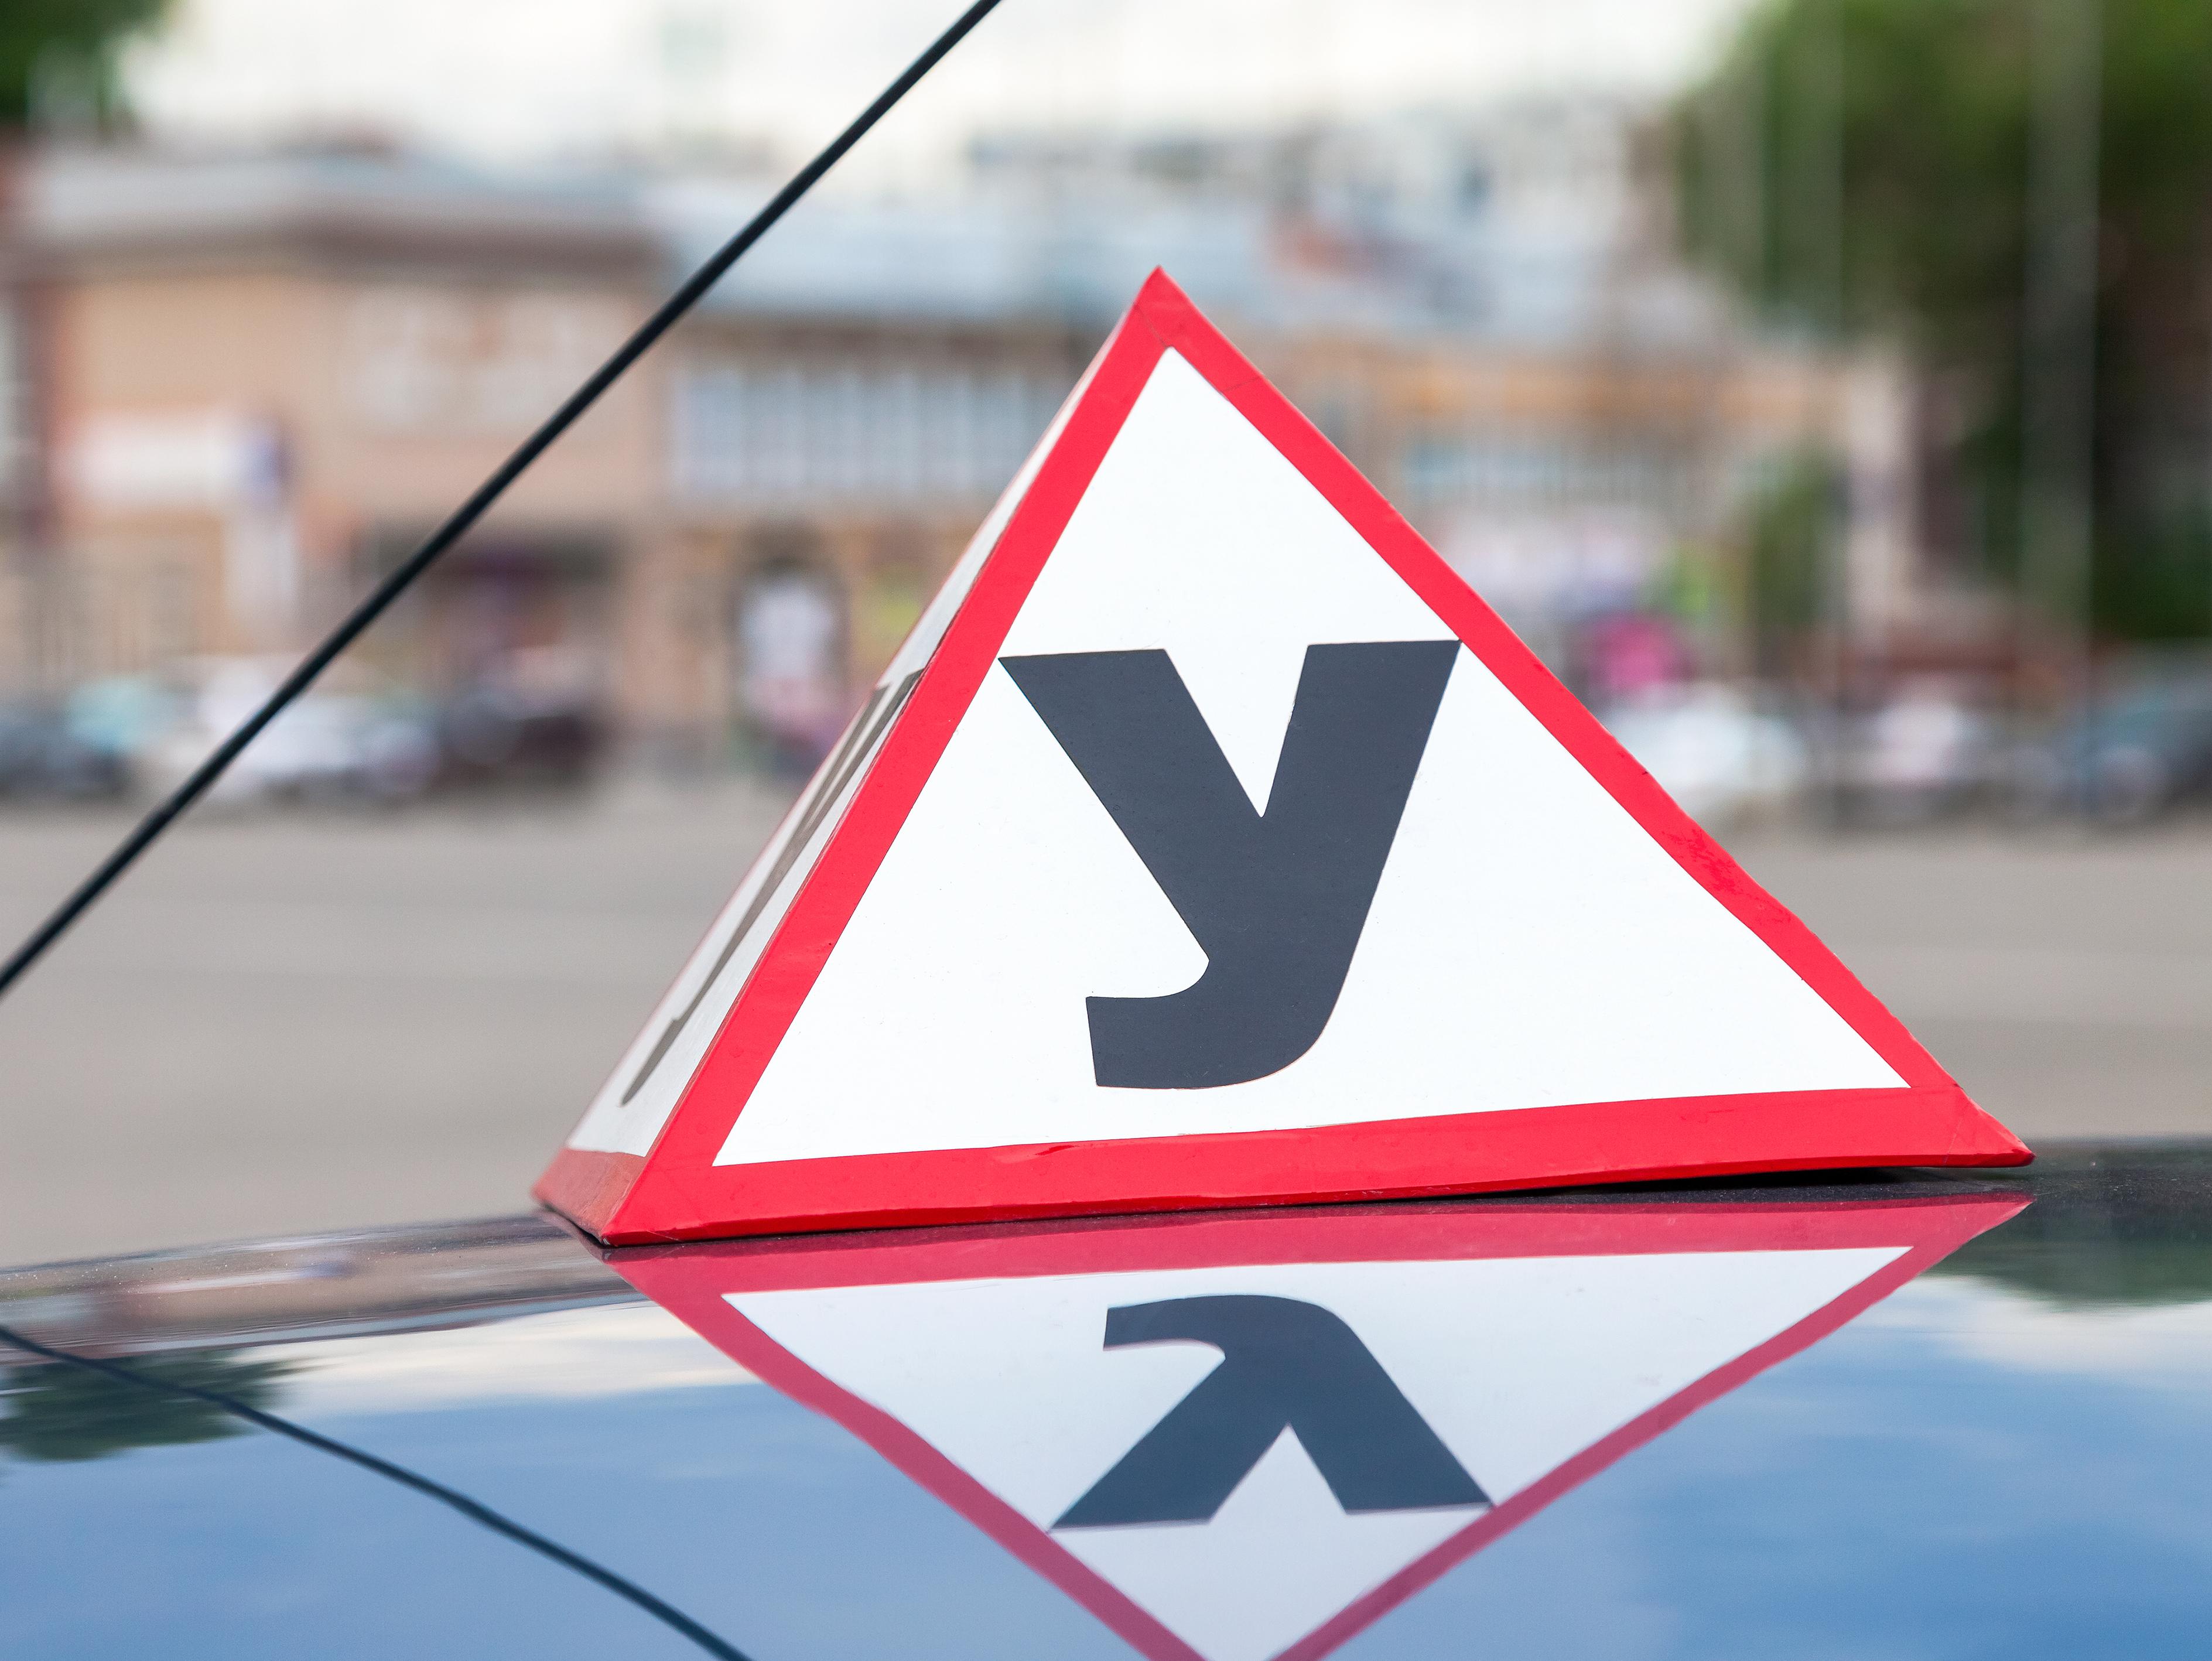 знаки дорожного движения треугольник с восклицательным знаком